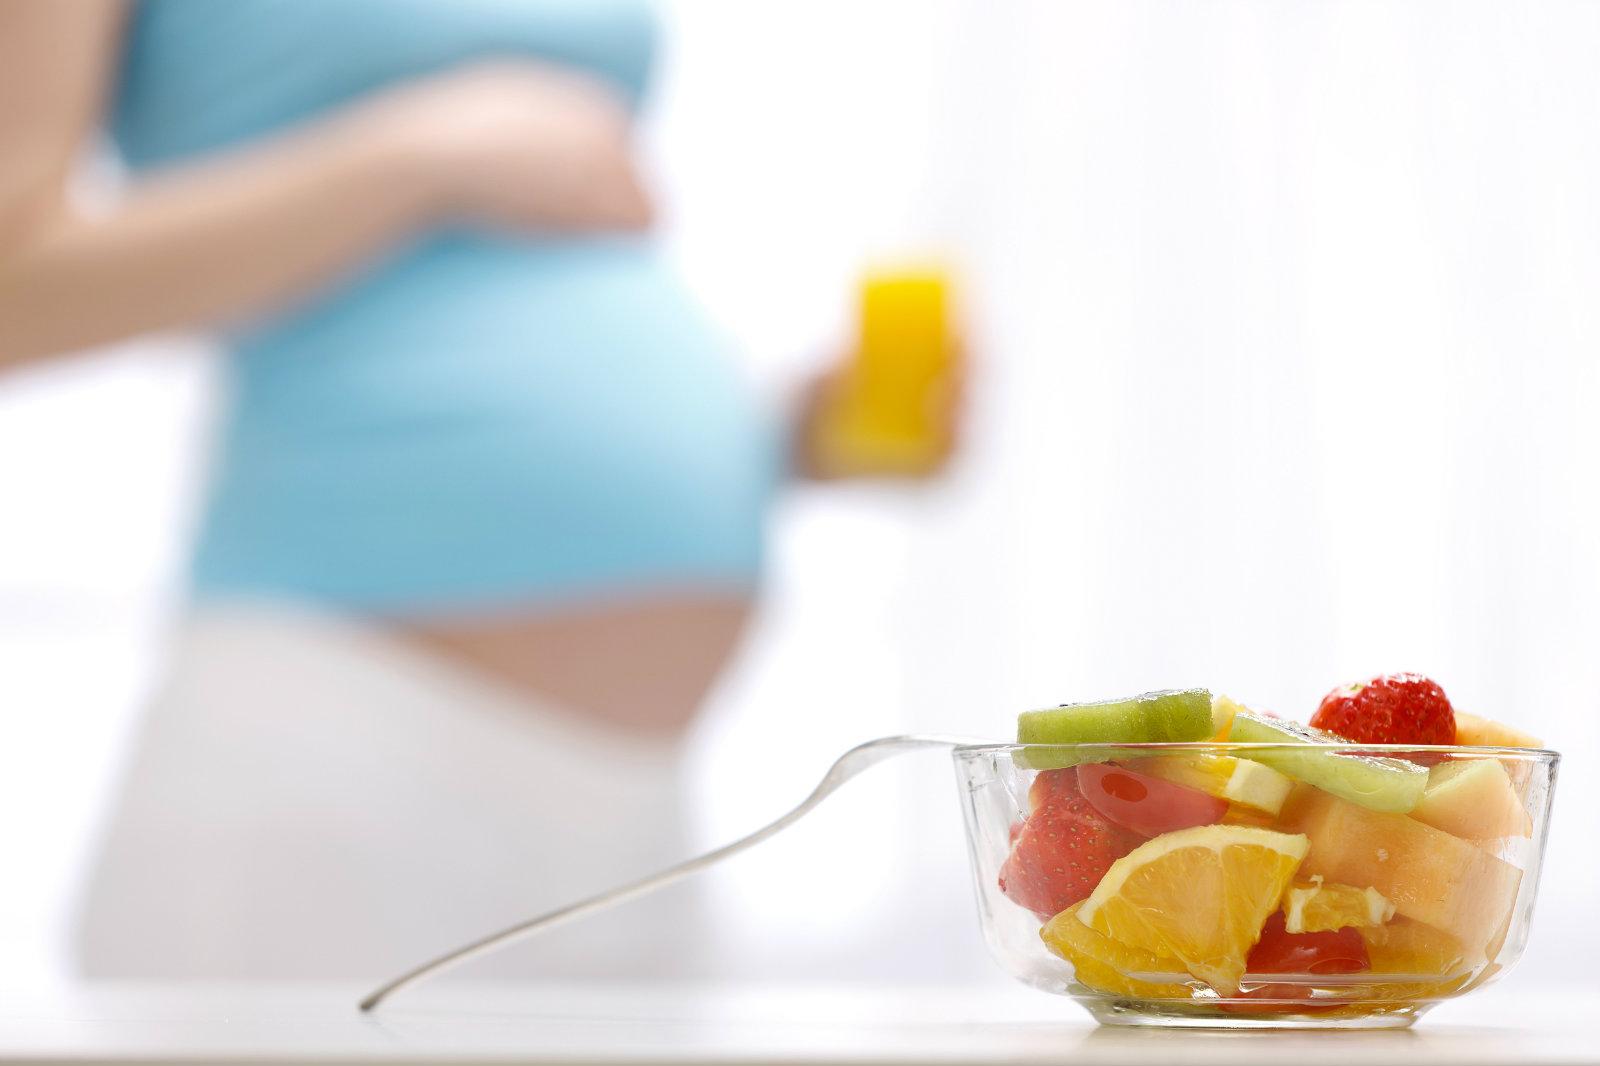 吃素很难营养均衡,孕妇孩子不宜食素